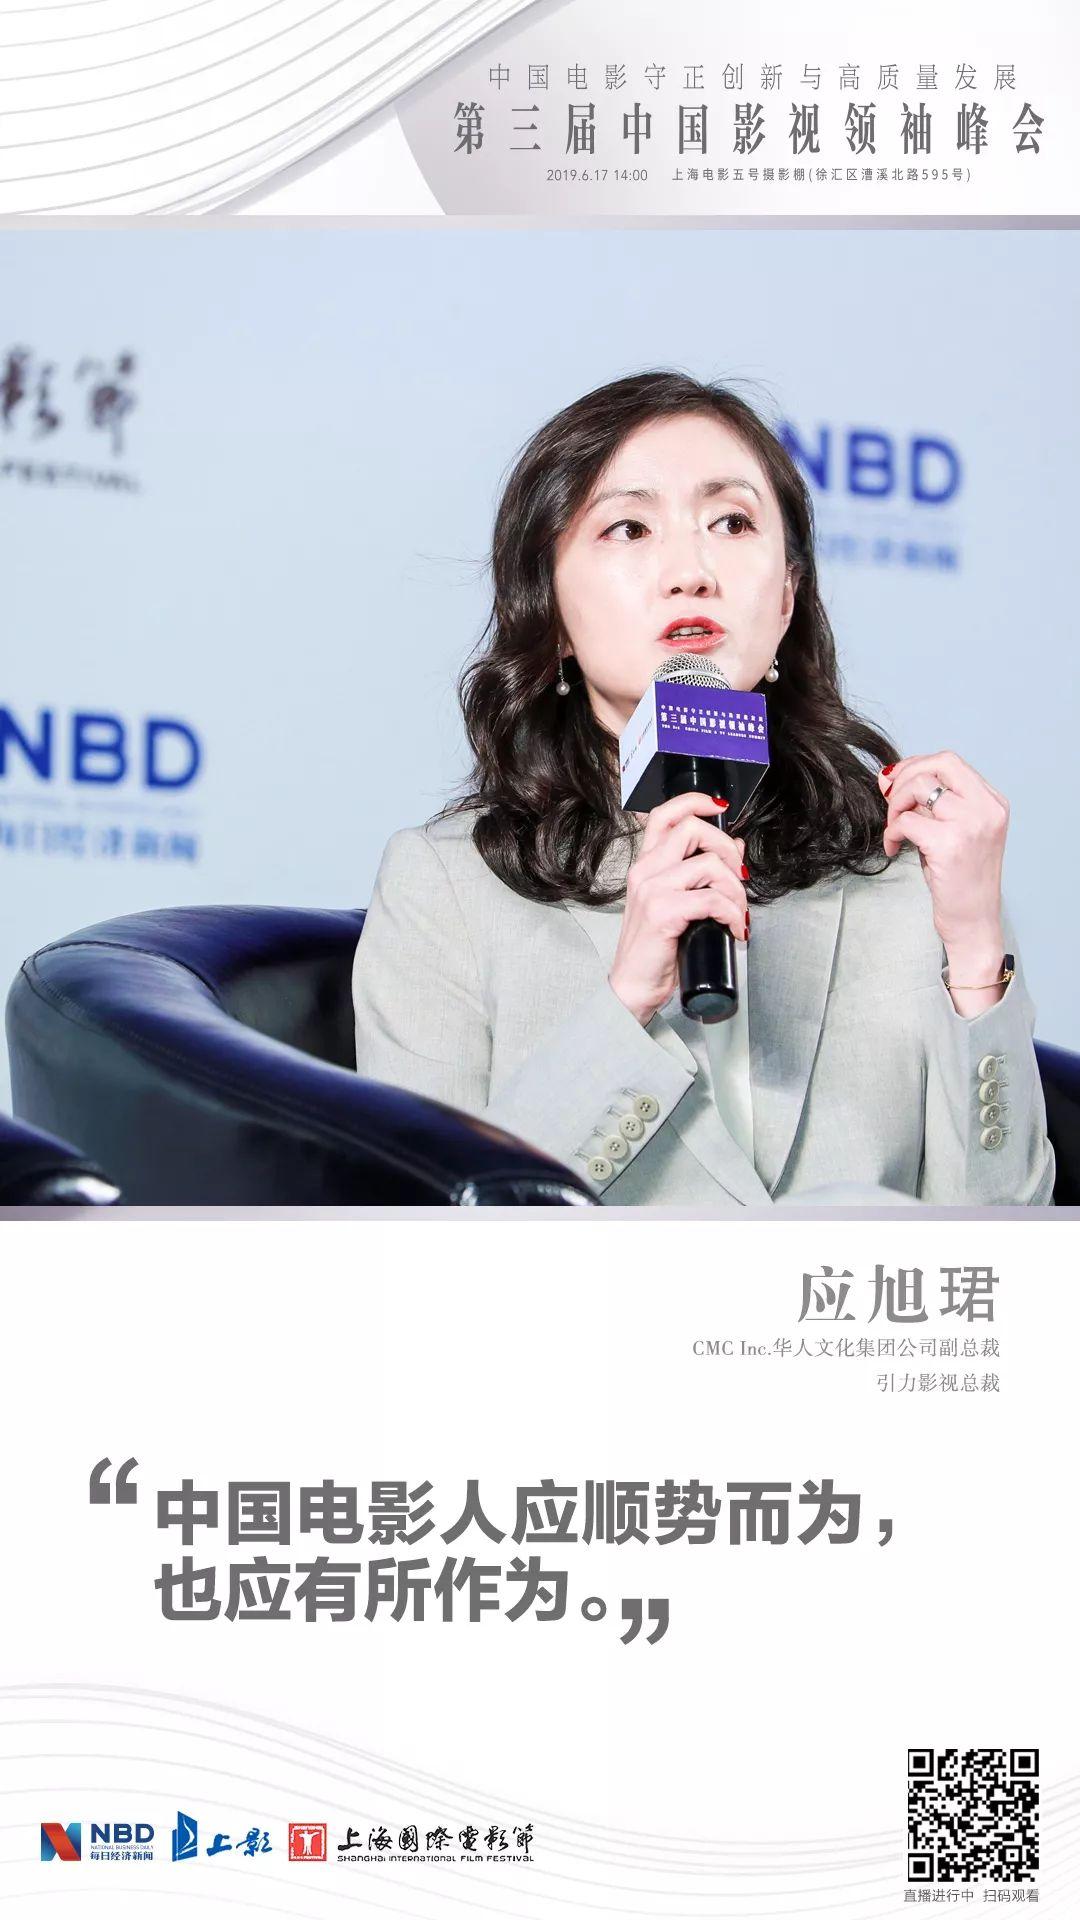 同时华人文化有强大的终端院线以及宣发能力,并且有娱乐地产,衍生品